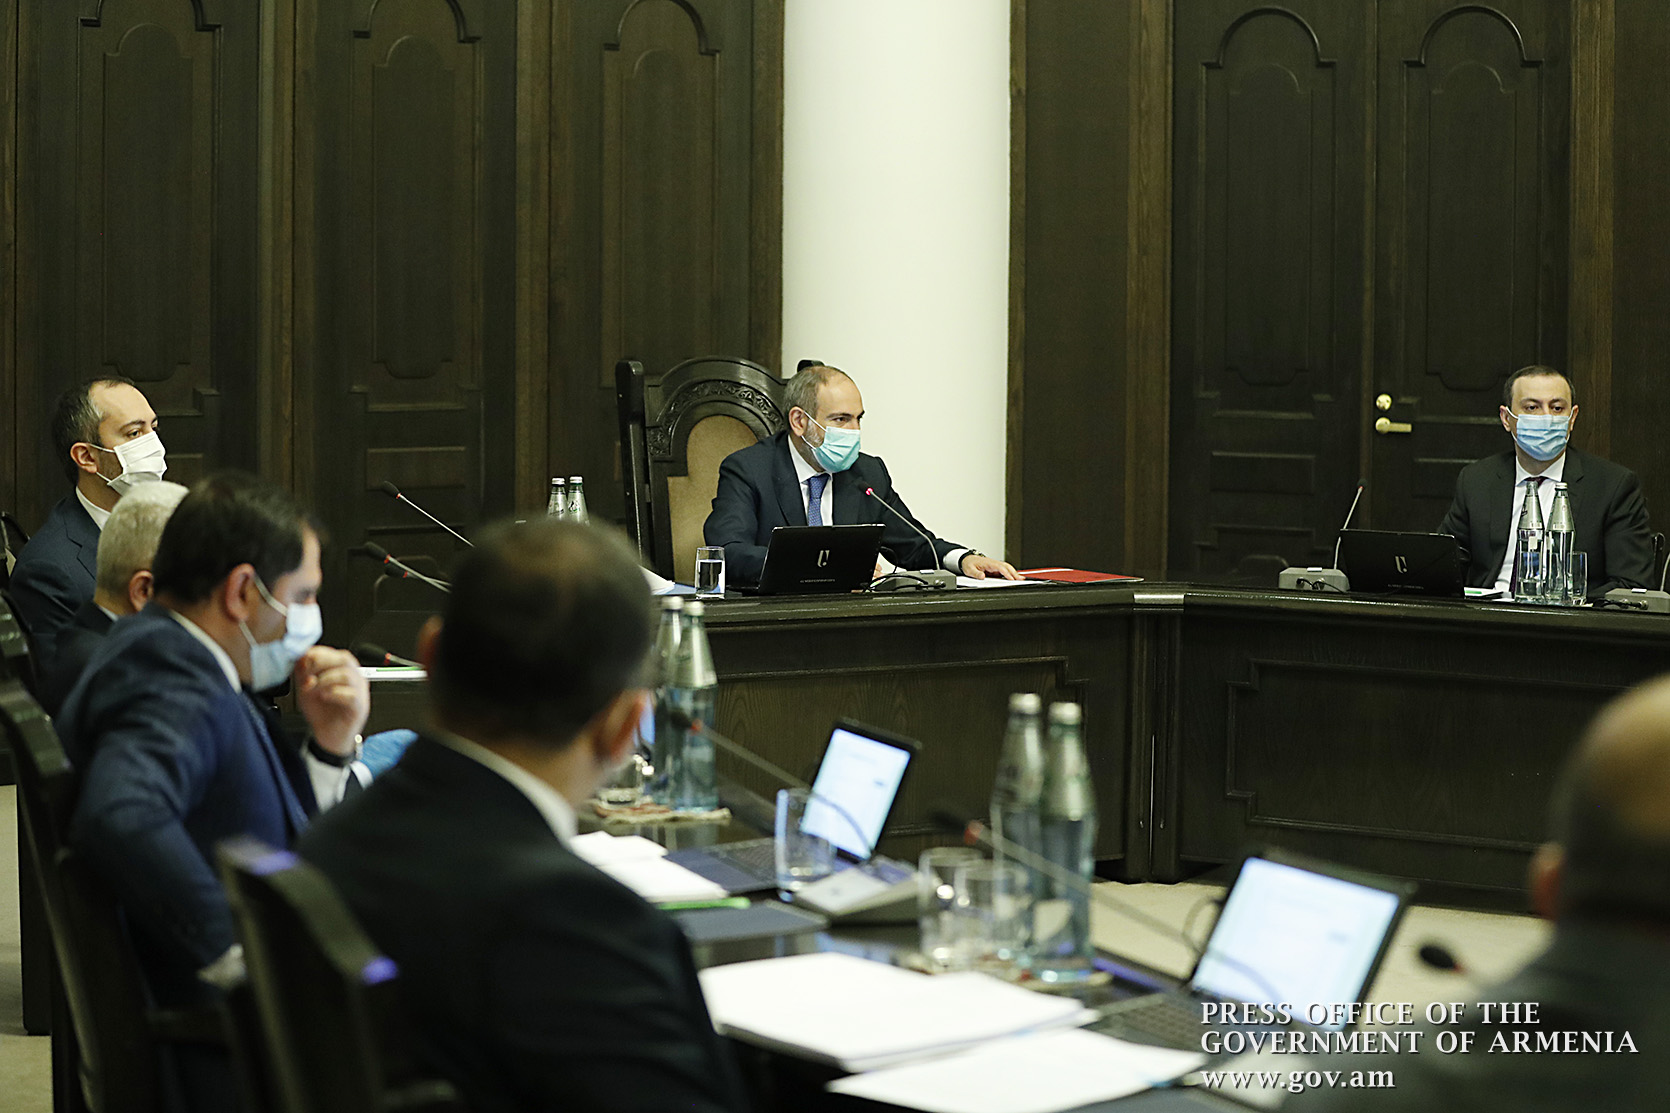 Photo of Կառավարությունը հաստատել է կորոնավիրուսի տնտեսական հետևանքների չեզոքացման 19-րդ միջոցառումը. աջակցություն կտրամադրվի «զրոյից» բիզնես սկսողներին